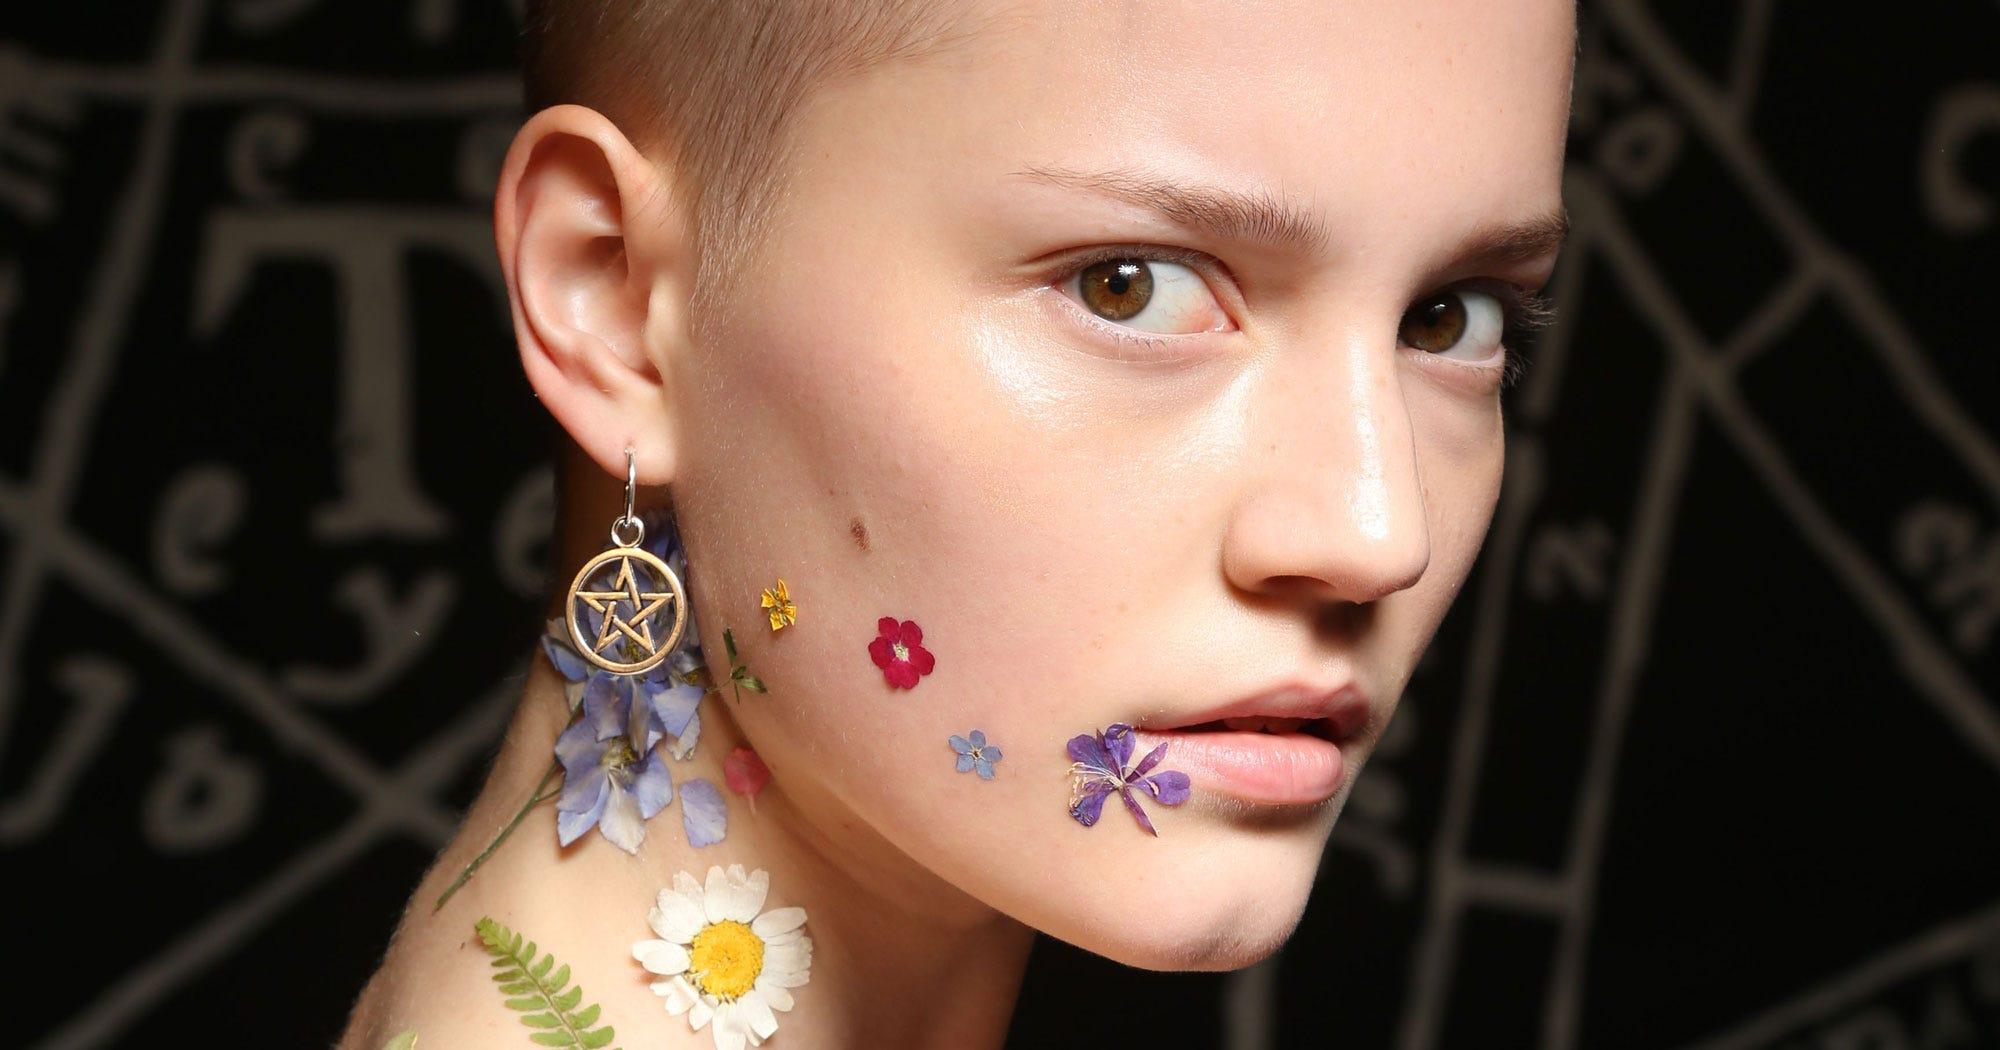 Flower Makeup Trend Pretty Face Paint Flowers